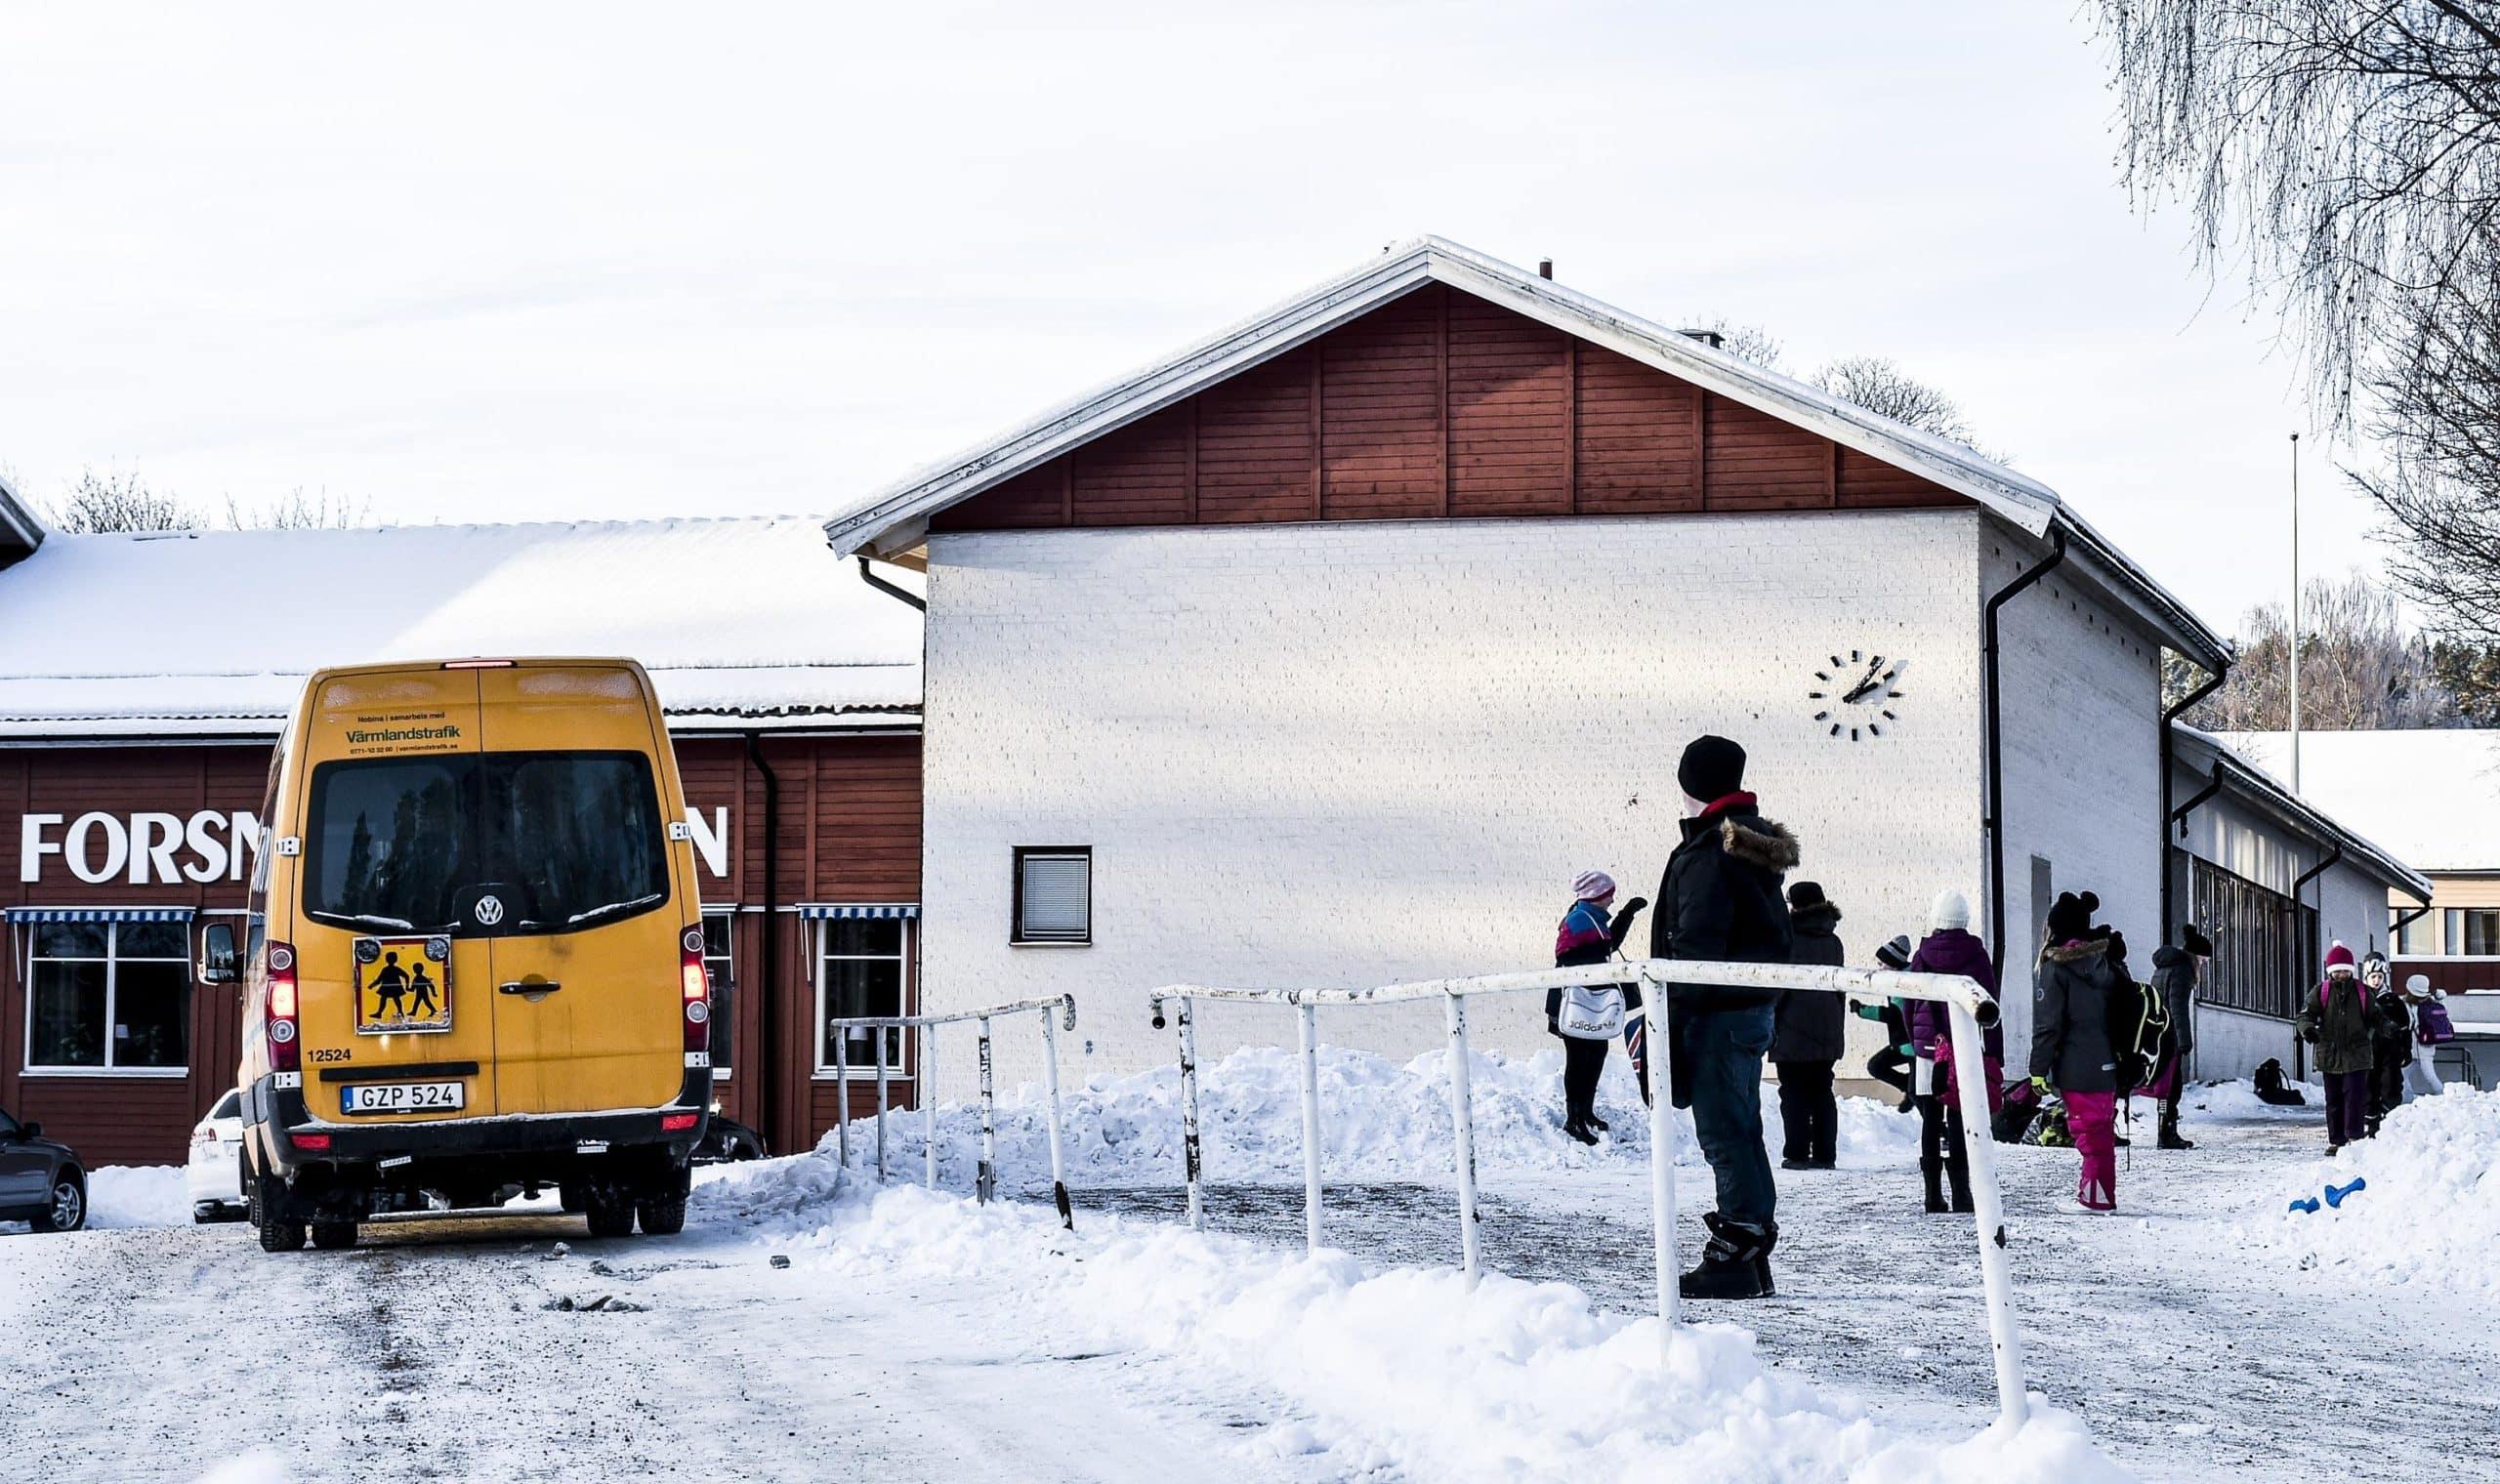 Nio elever i mörka vinterkläder väntar på skolskjuts utanför Forsnässkolan. En liten gul buss passerar framför barnen.